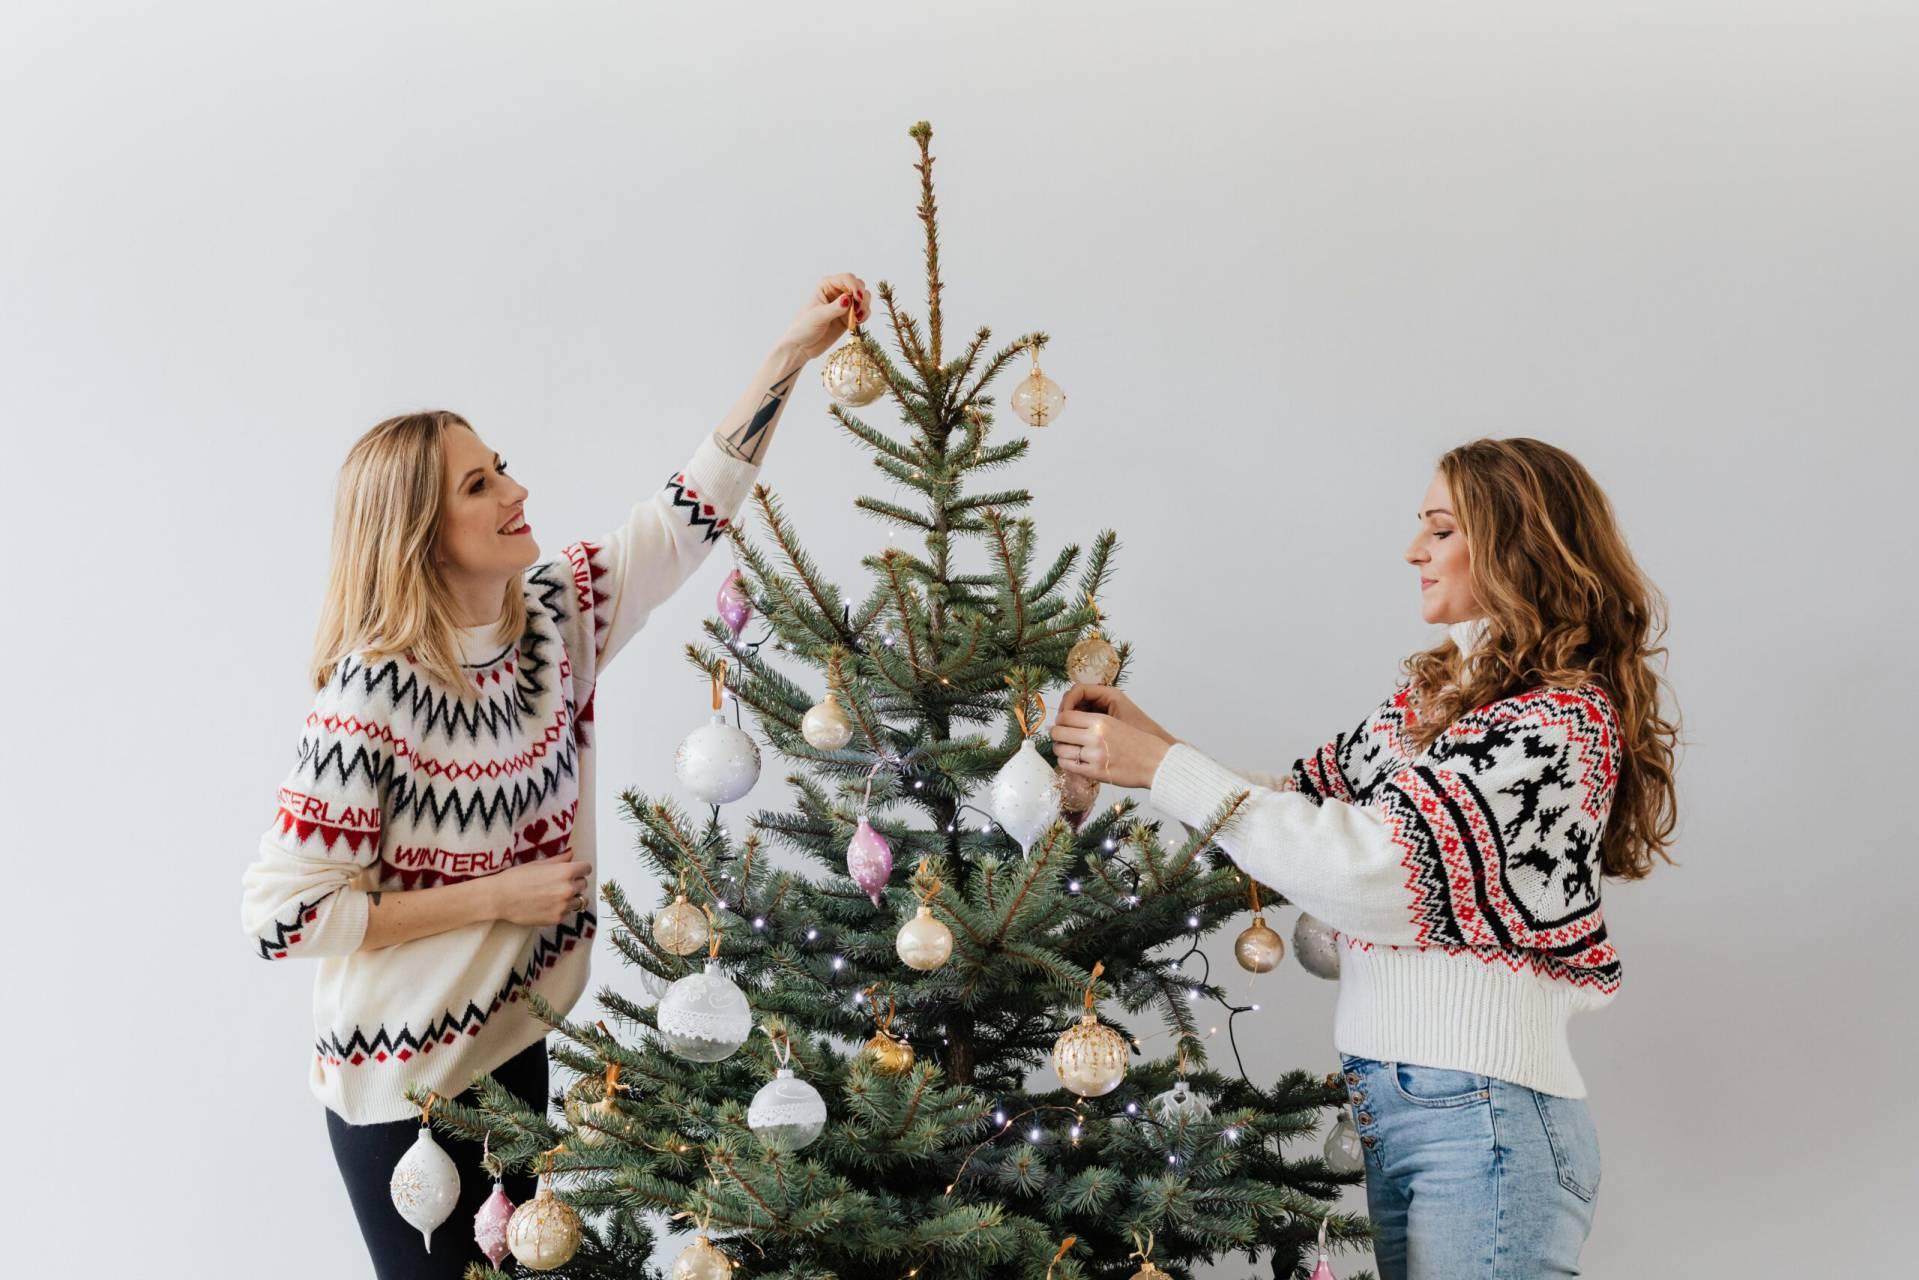 Två kvinnor jultröjor klär en julgran